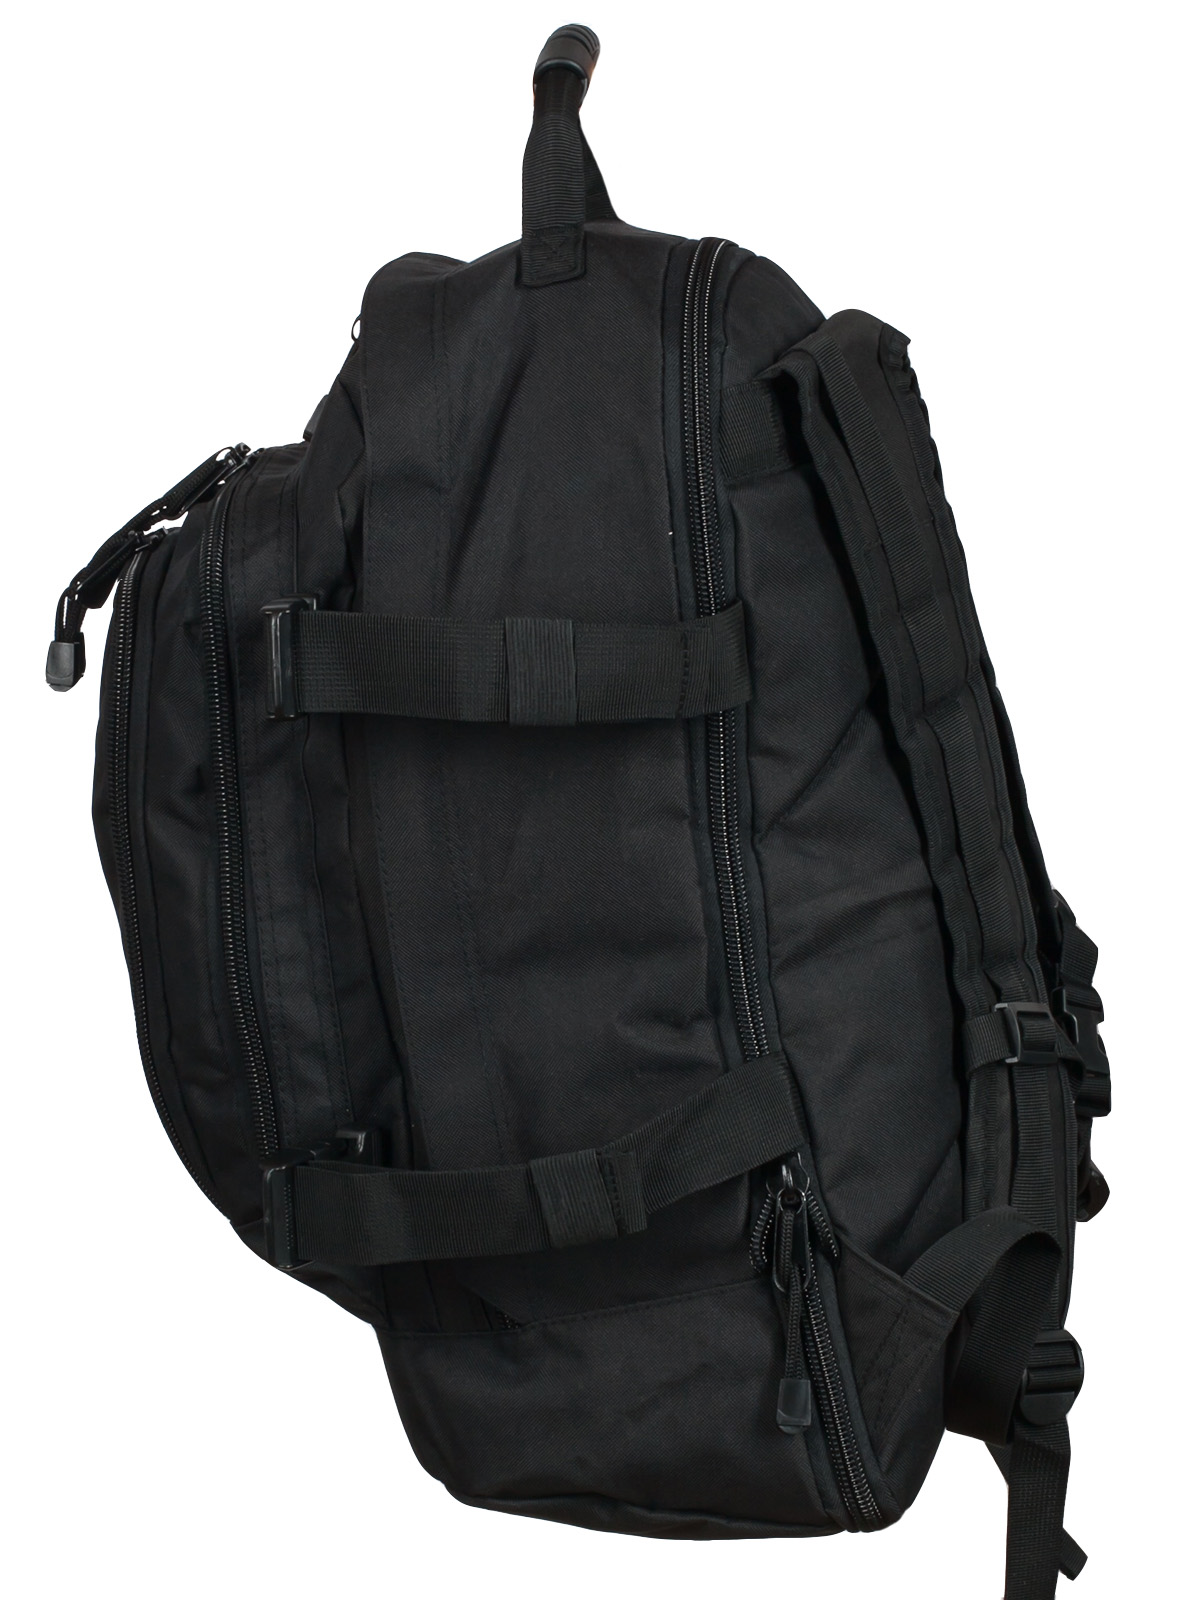 Черный рюкзак универсального назначения 3-Day Expandable Backpack 08002B Black с эмблемой МВД оптом в Военпро